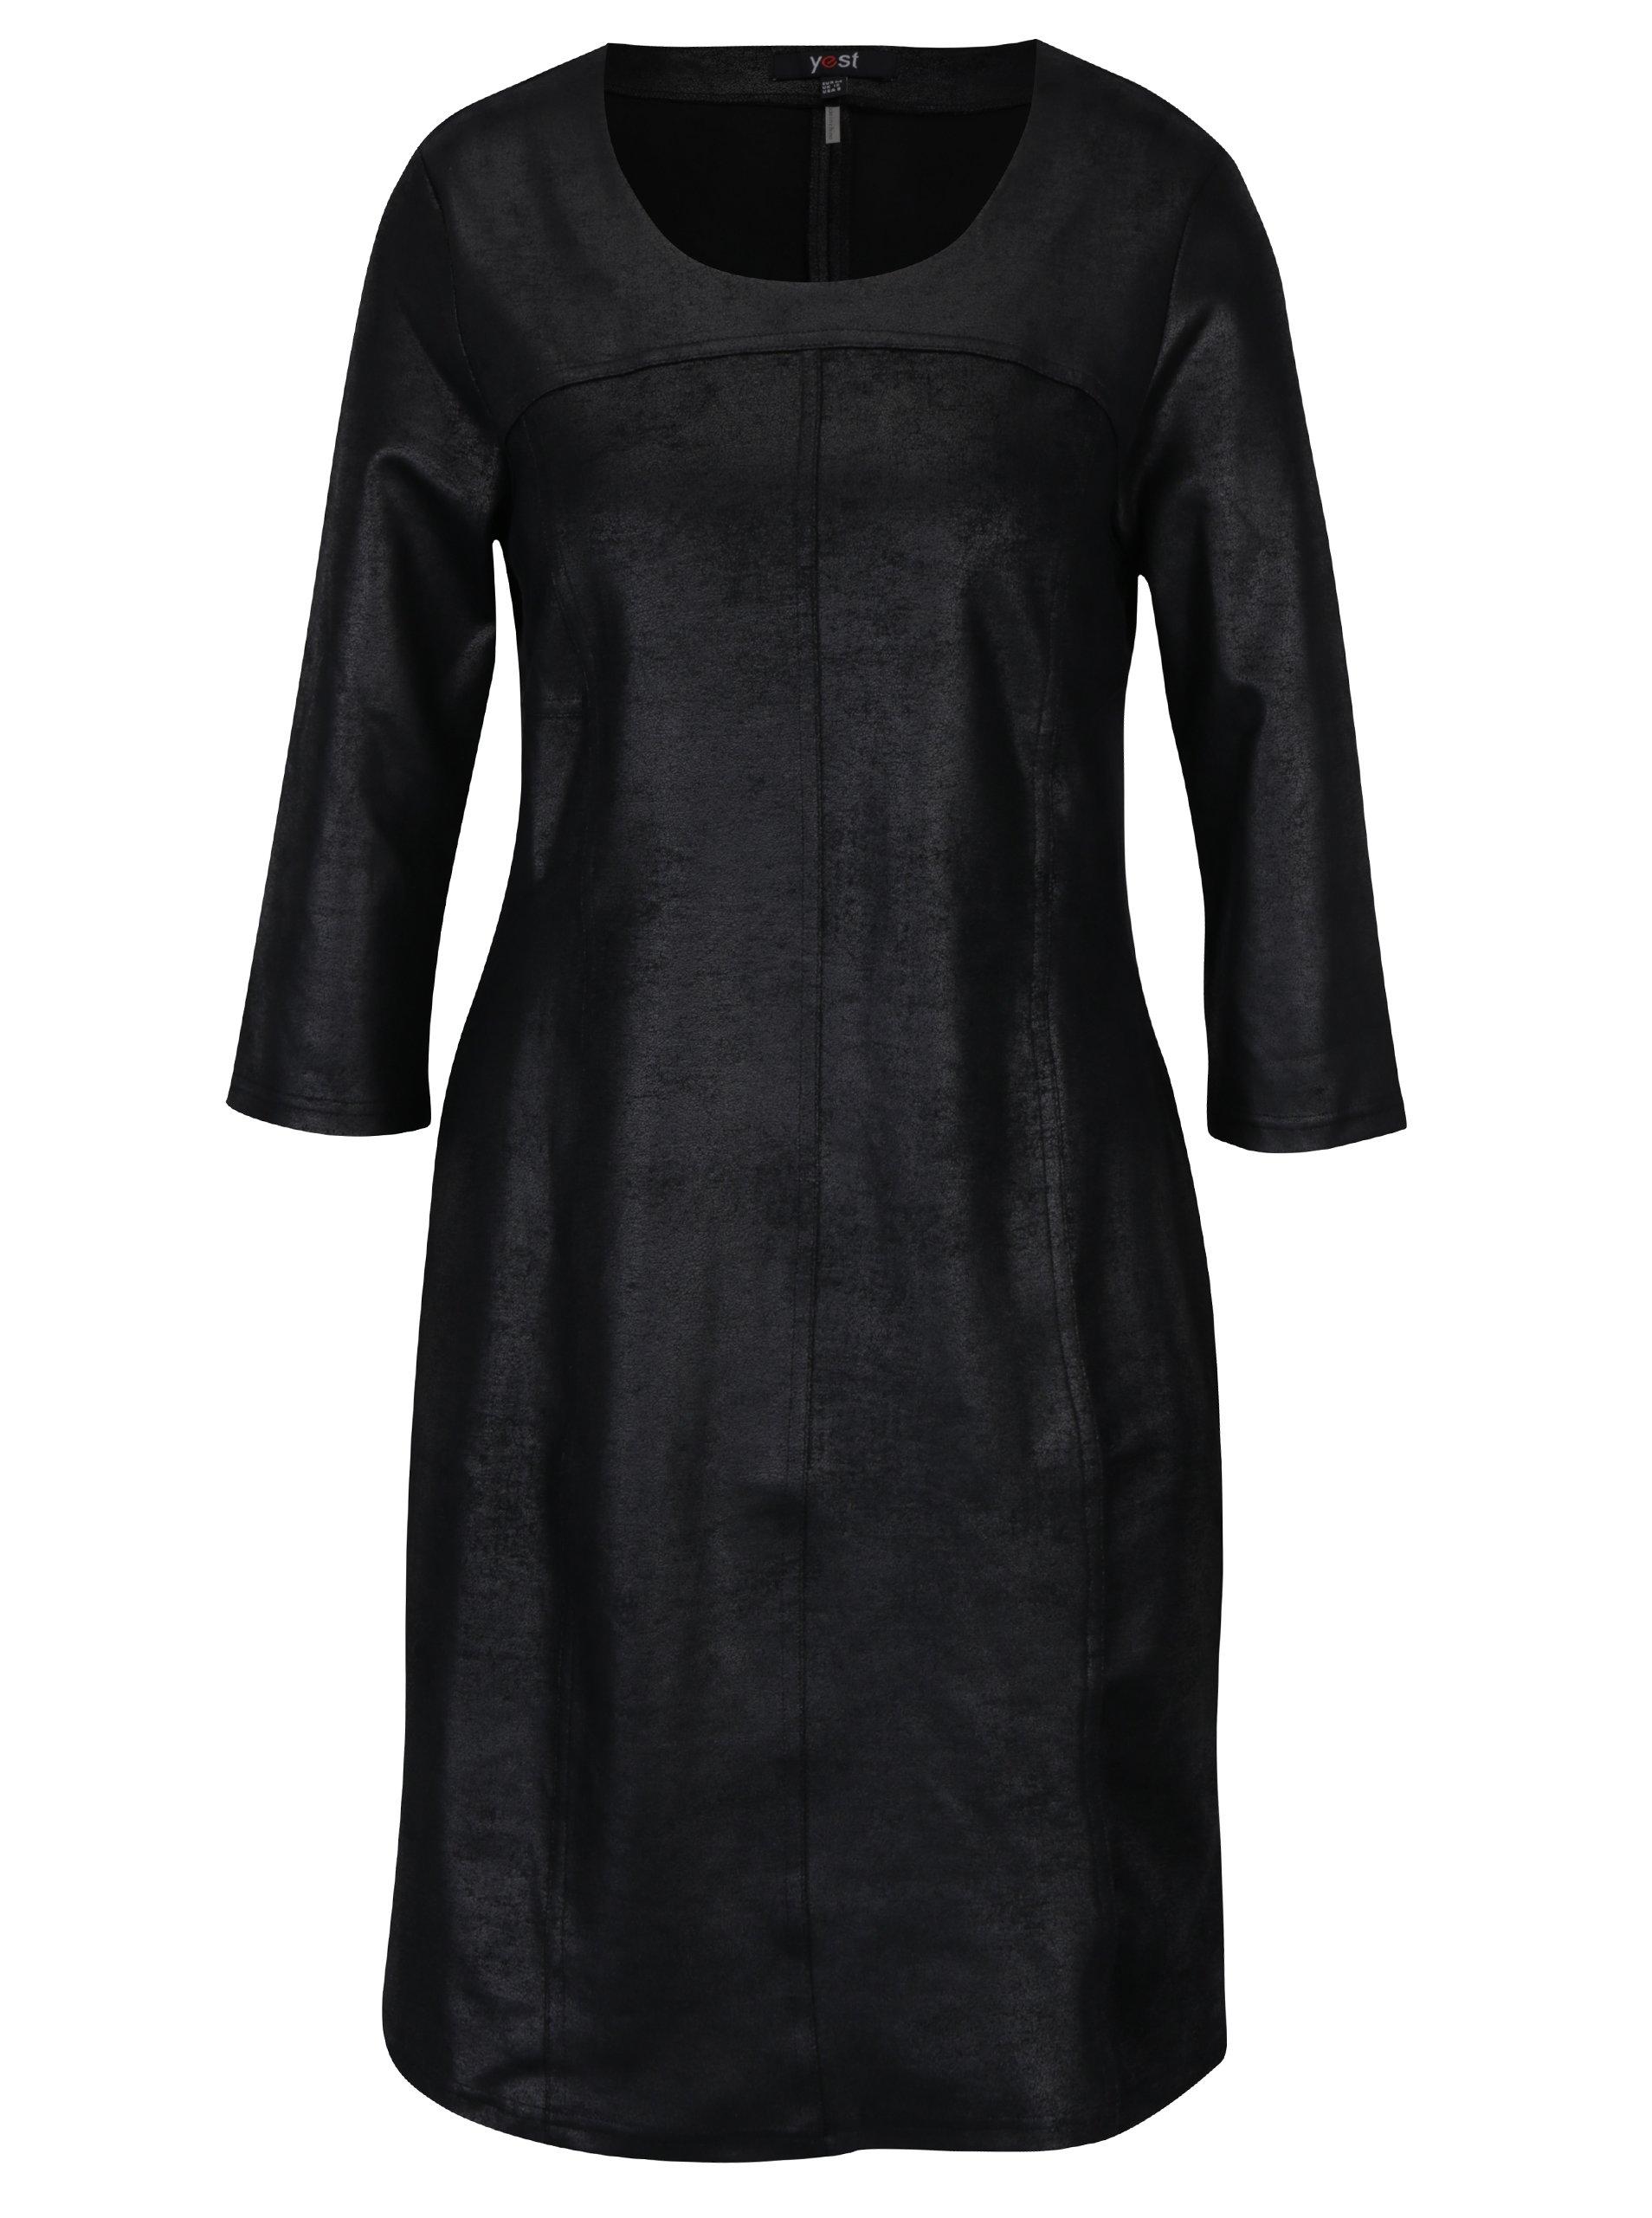 Černé koženkové šaty s 3/4 rukávem Yest